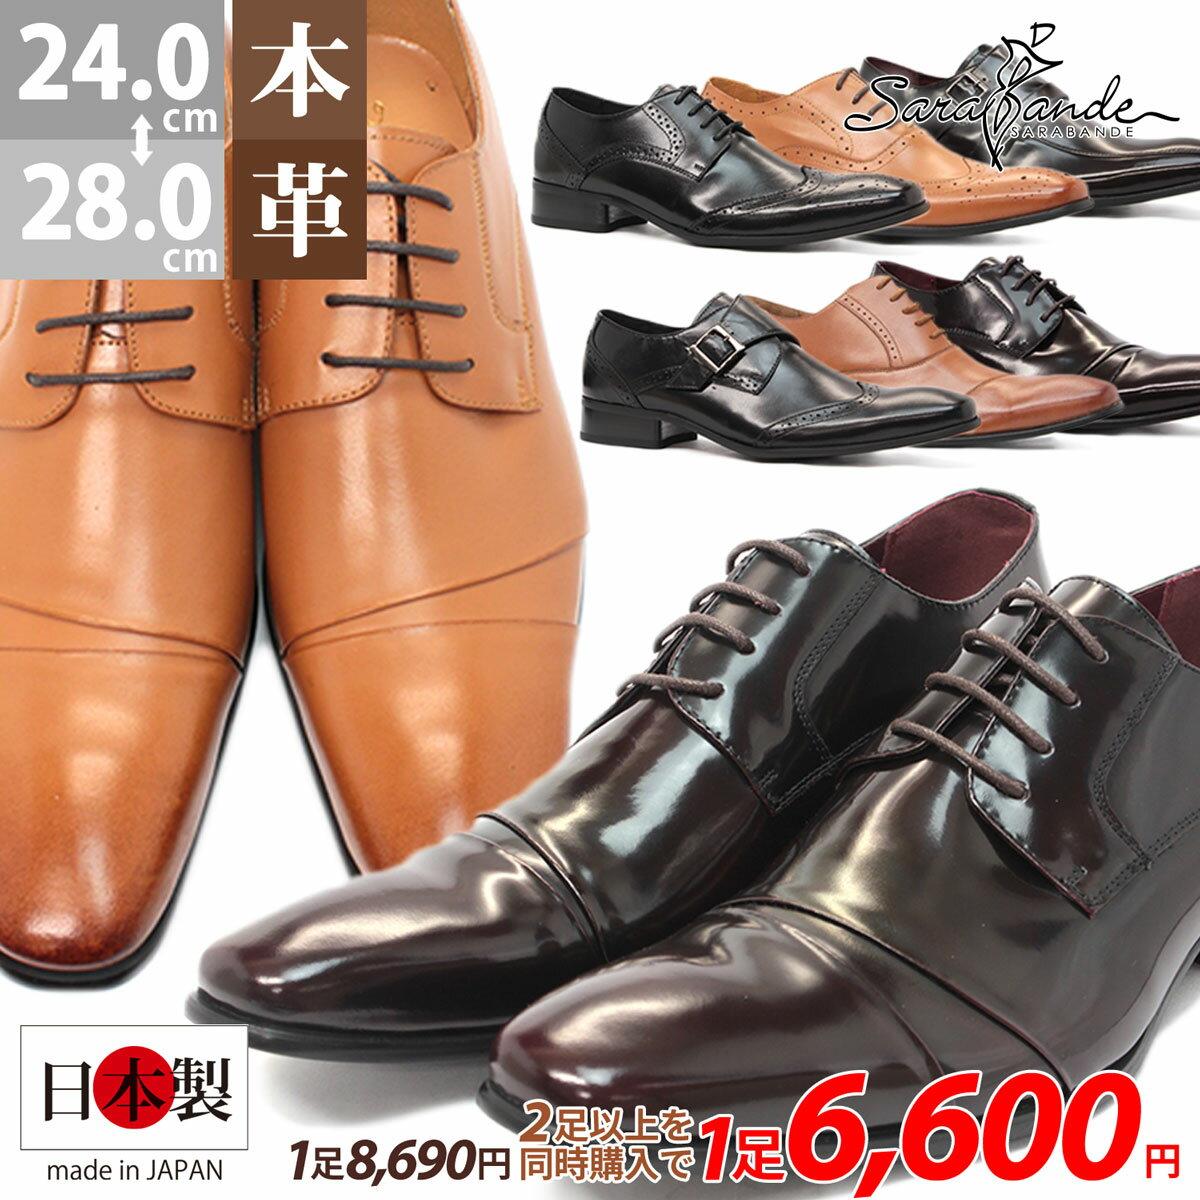 【期間限定ポイント20倍】[送料無料][SARABANDE サラバンド]日本製 本革 ロングノーズ ビジネスシューズ 7750/7751/7752/7753/7754/7755 ロングノーズ ビジネス メンズ 紳士靴 革靴【2足で12000円(税別)セット】